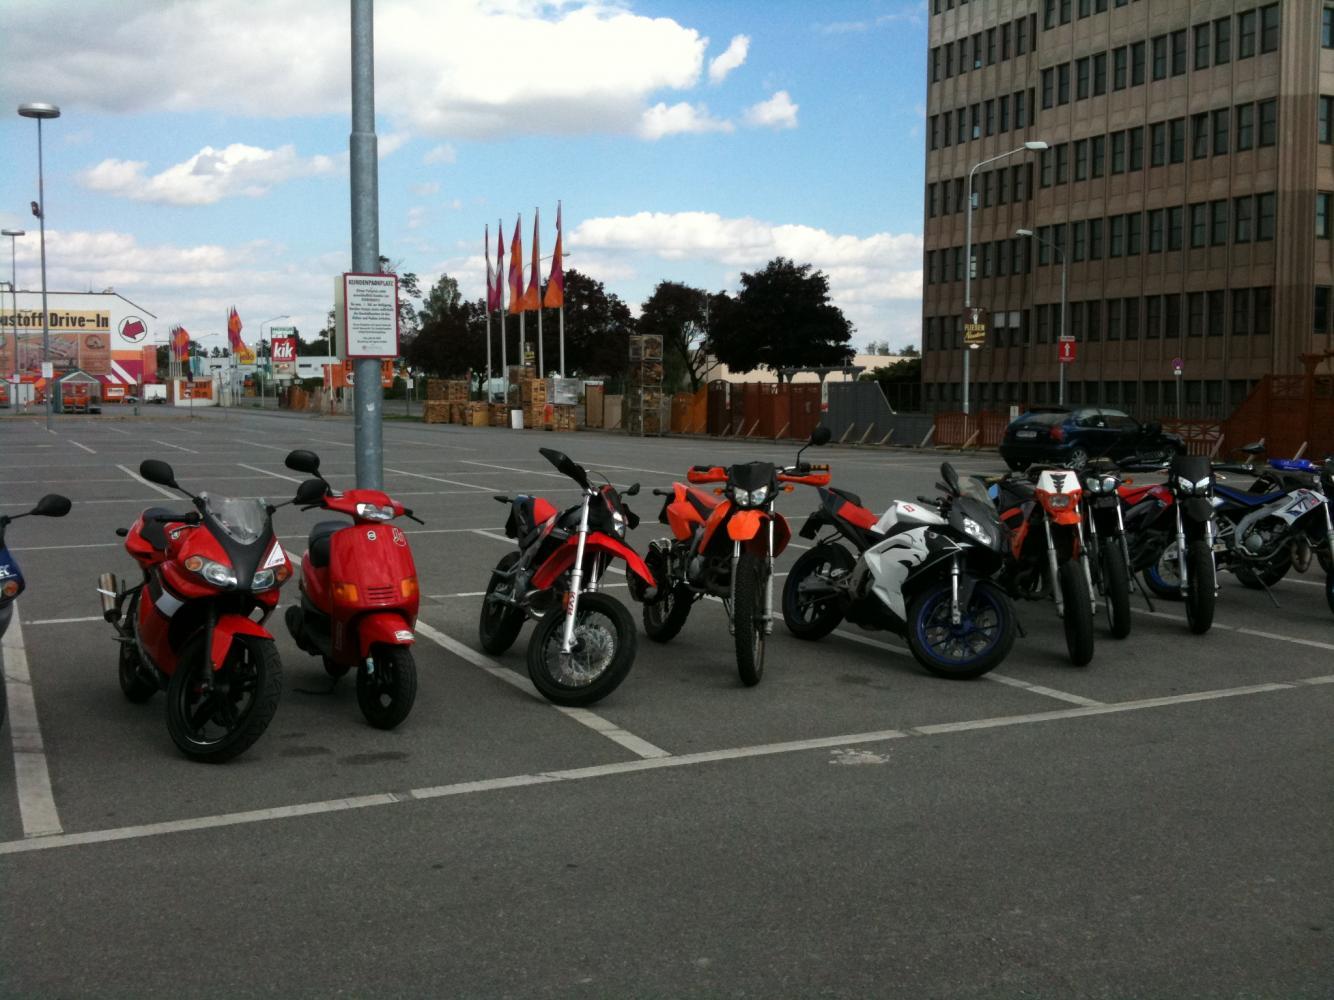 mopedtreffen wien 19.09.10